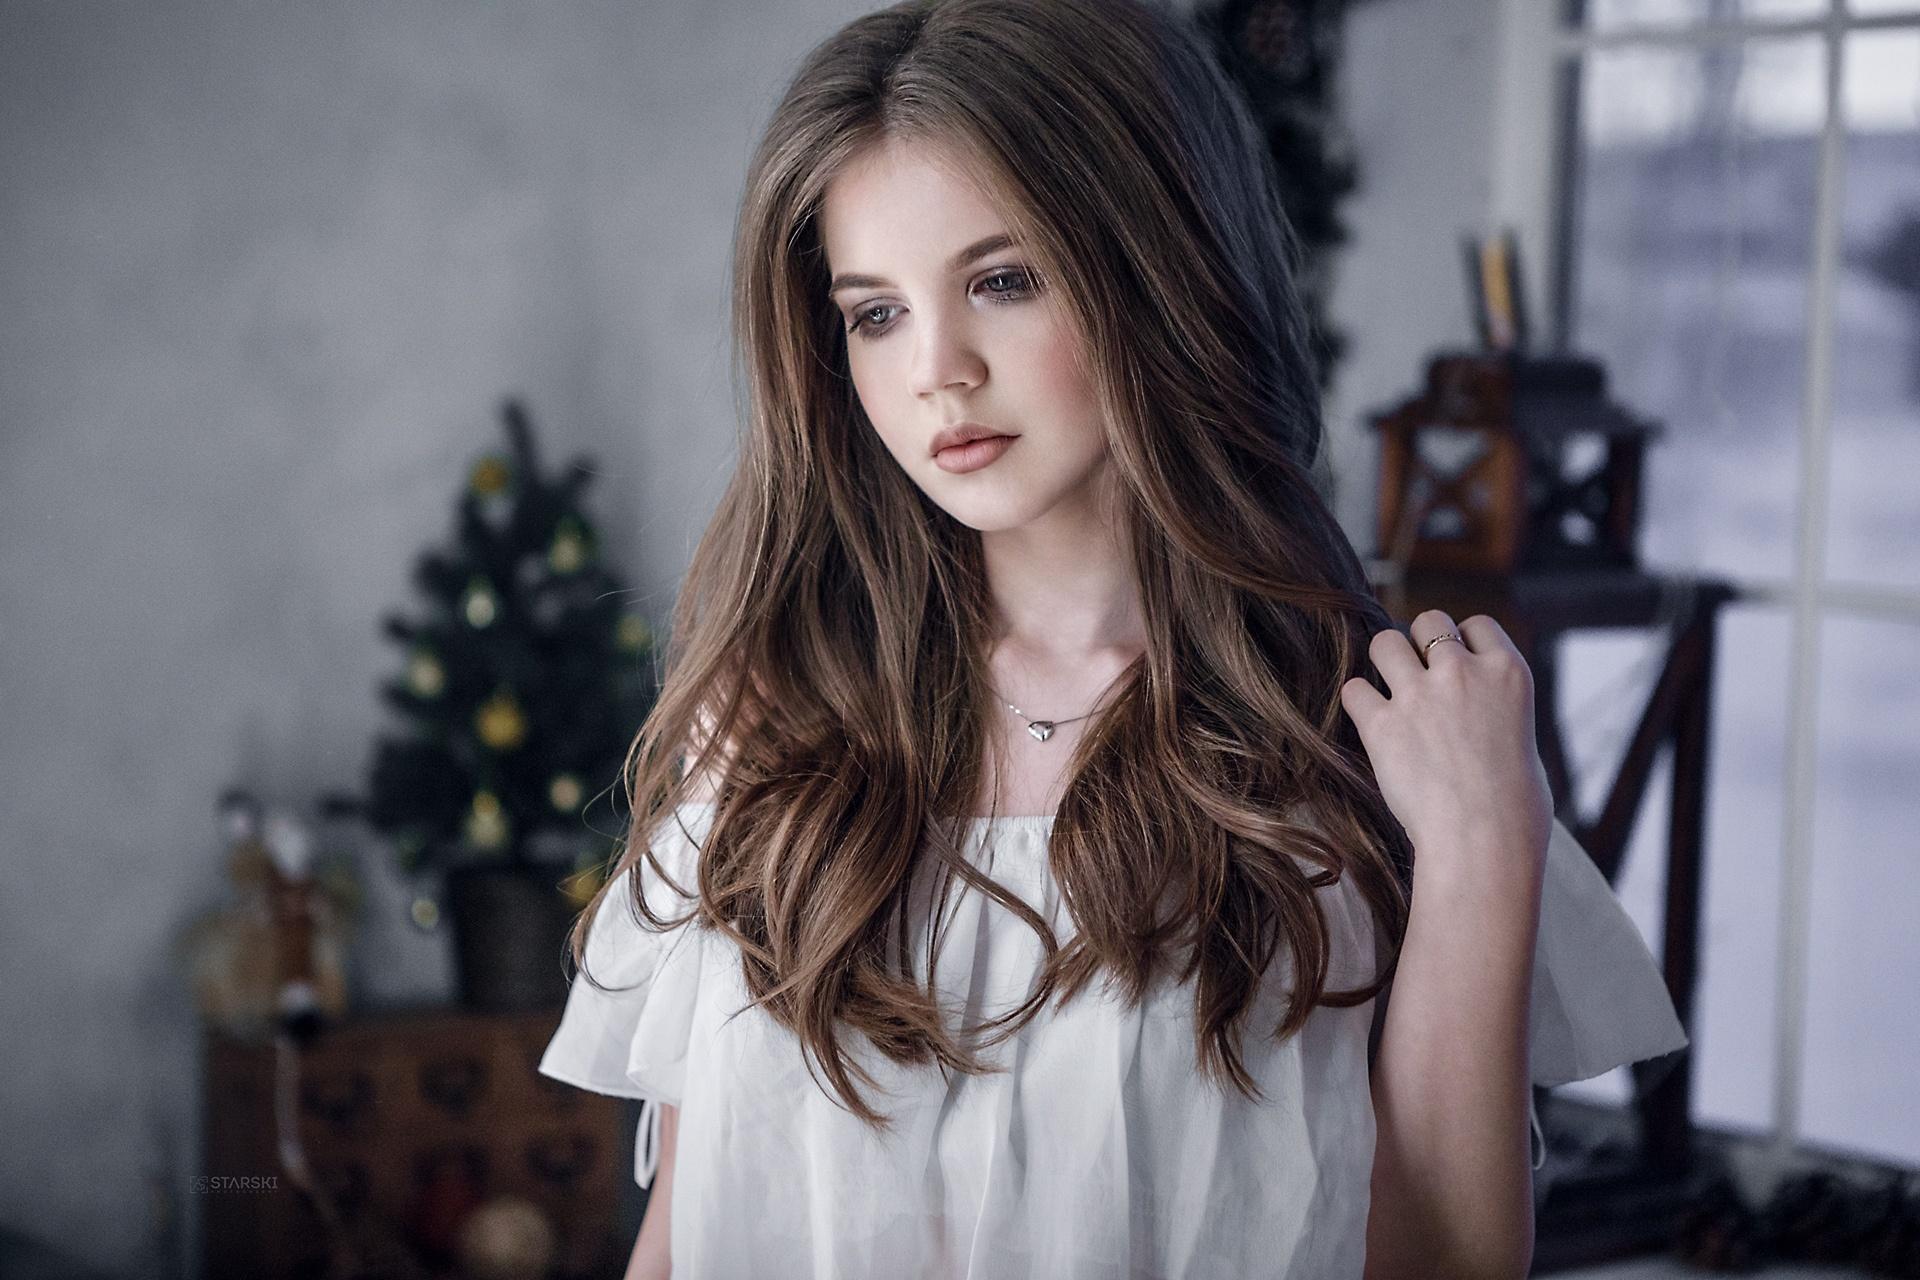 Фото моделей подростков что нужно чтобы стать моделью в 14 лет